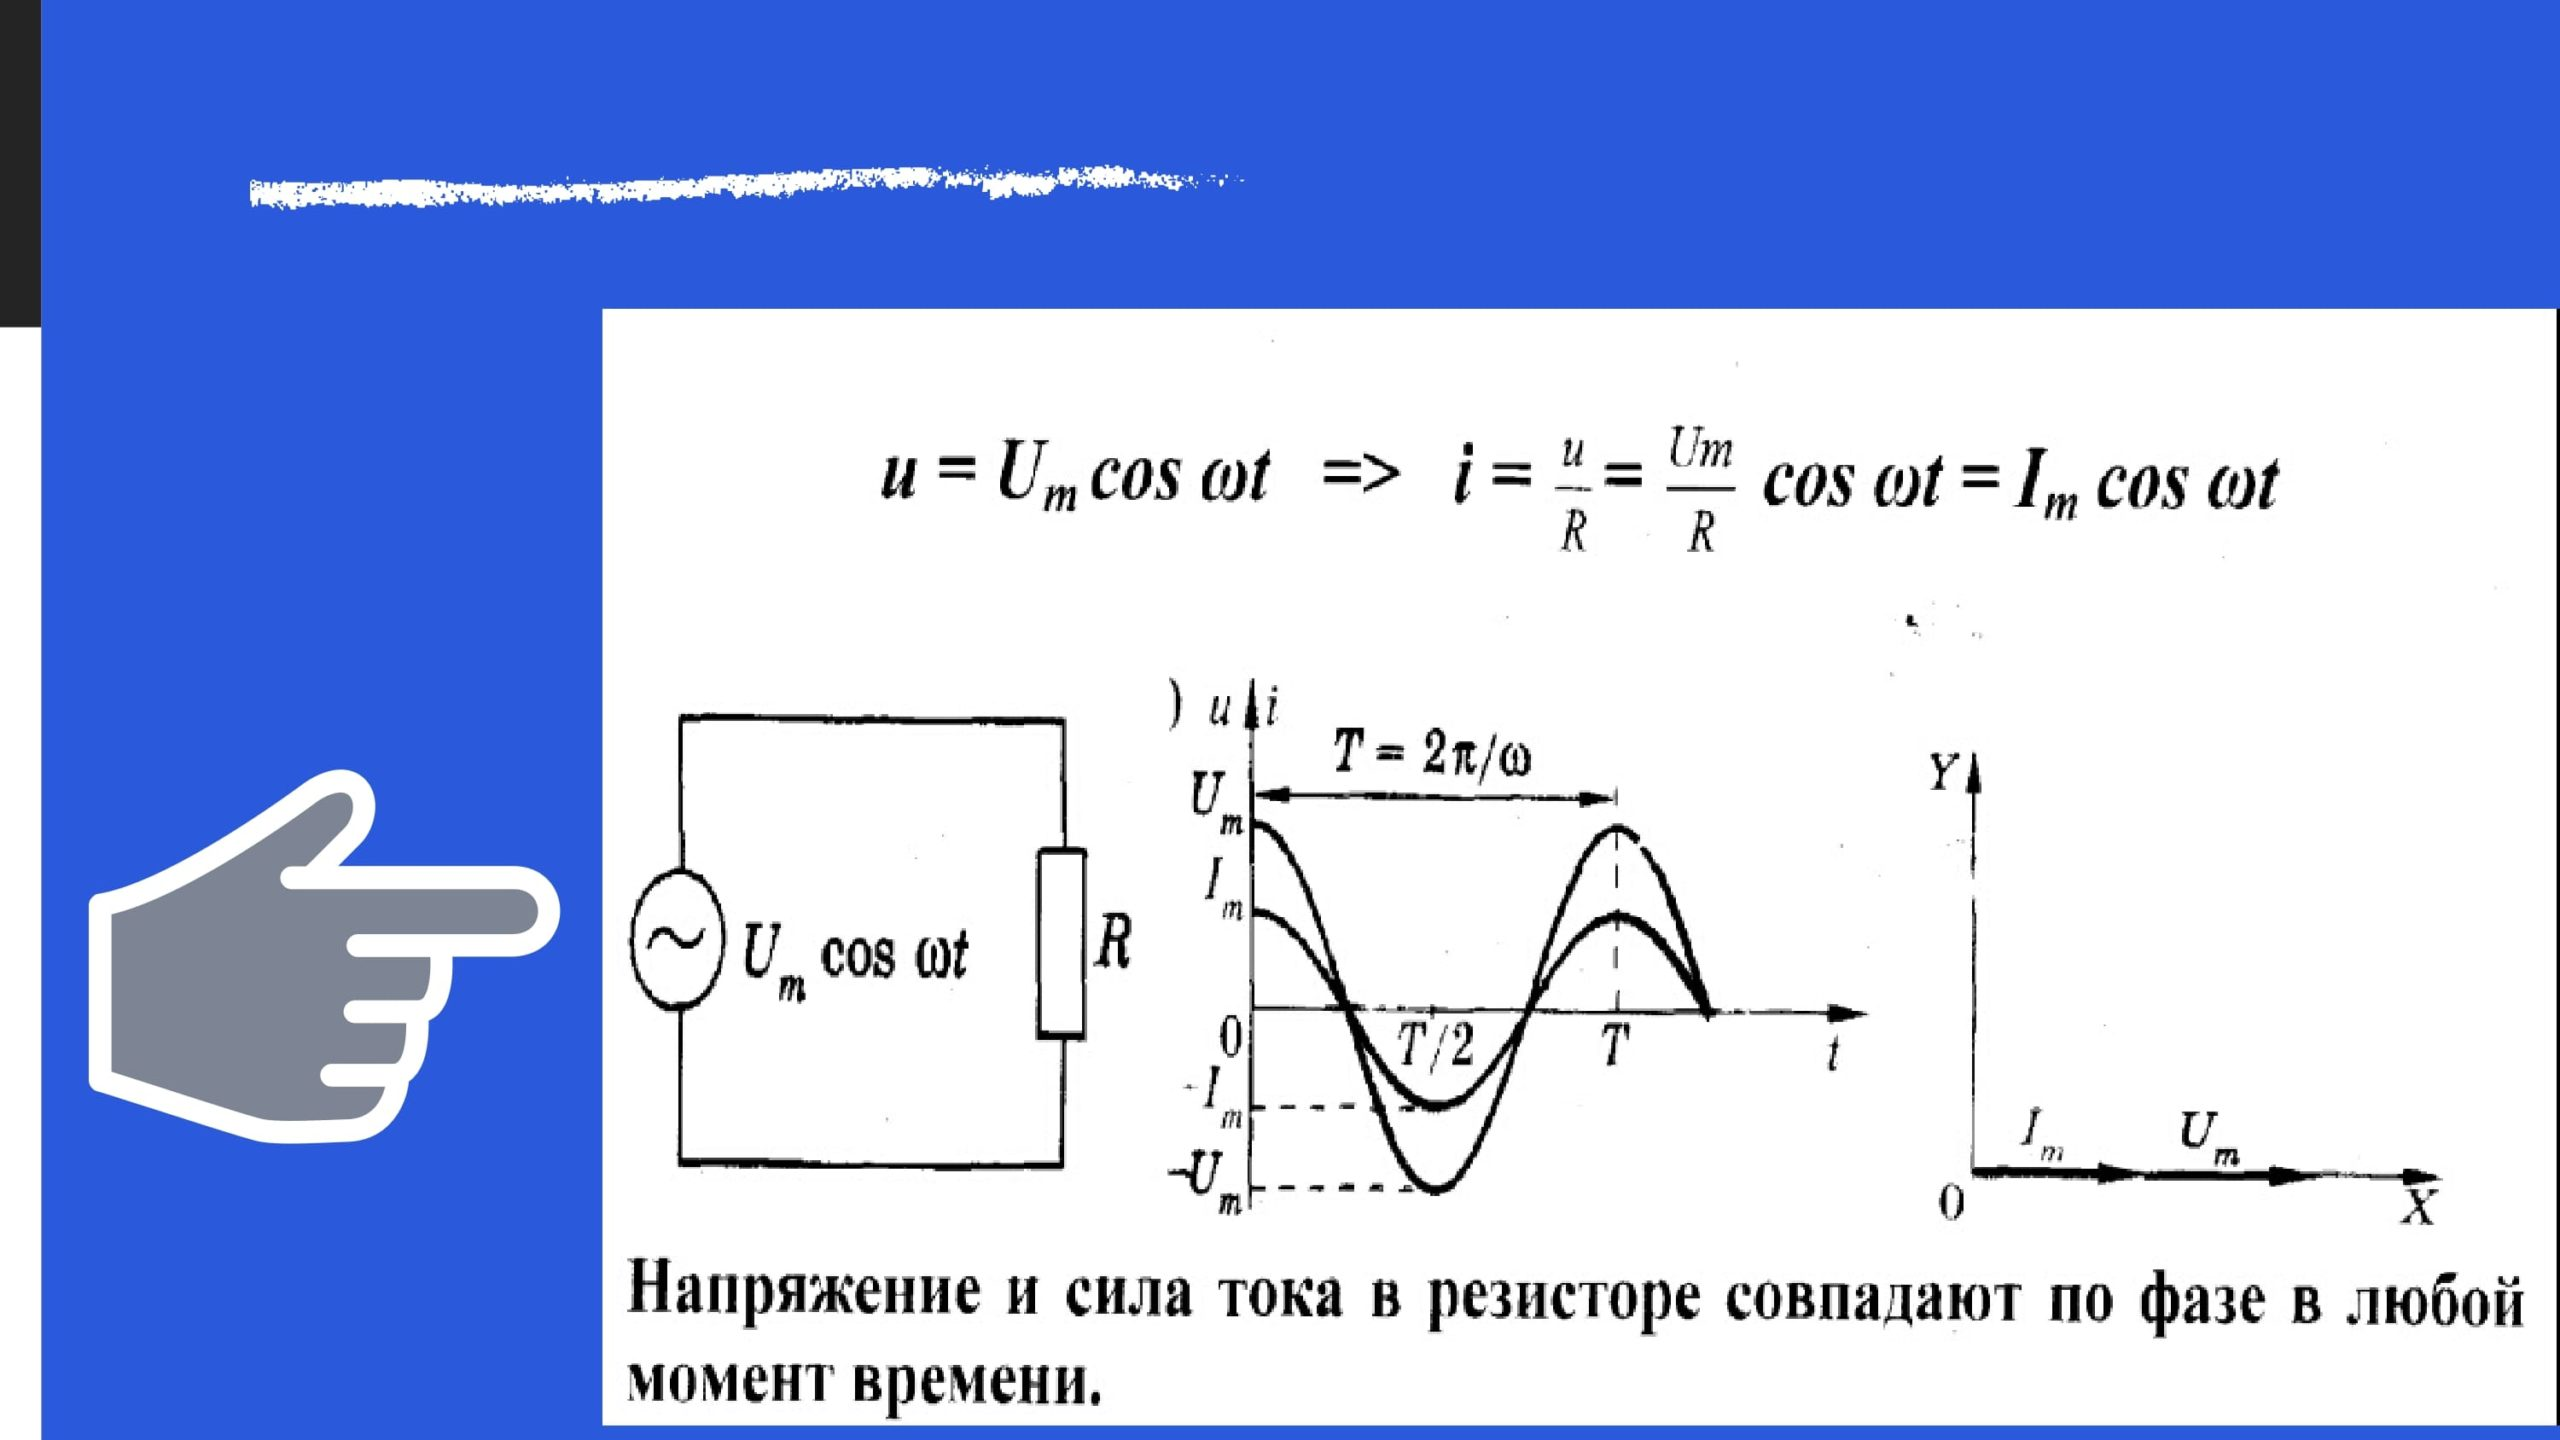 Напряжение и сила тока в резисторе совпадают по фазе в любой момент времени